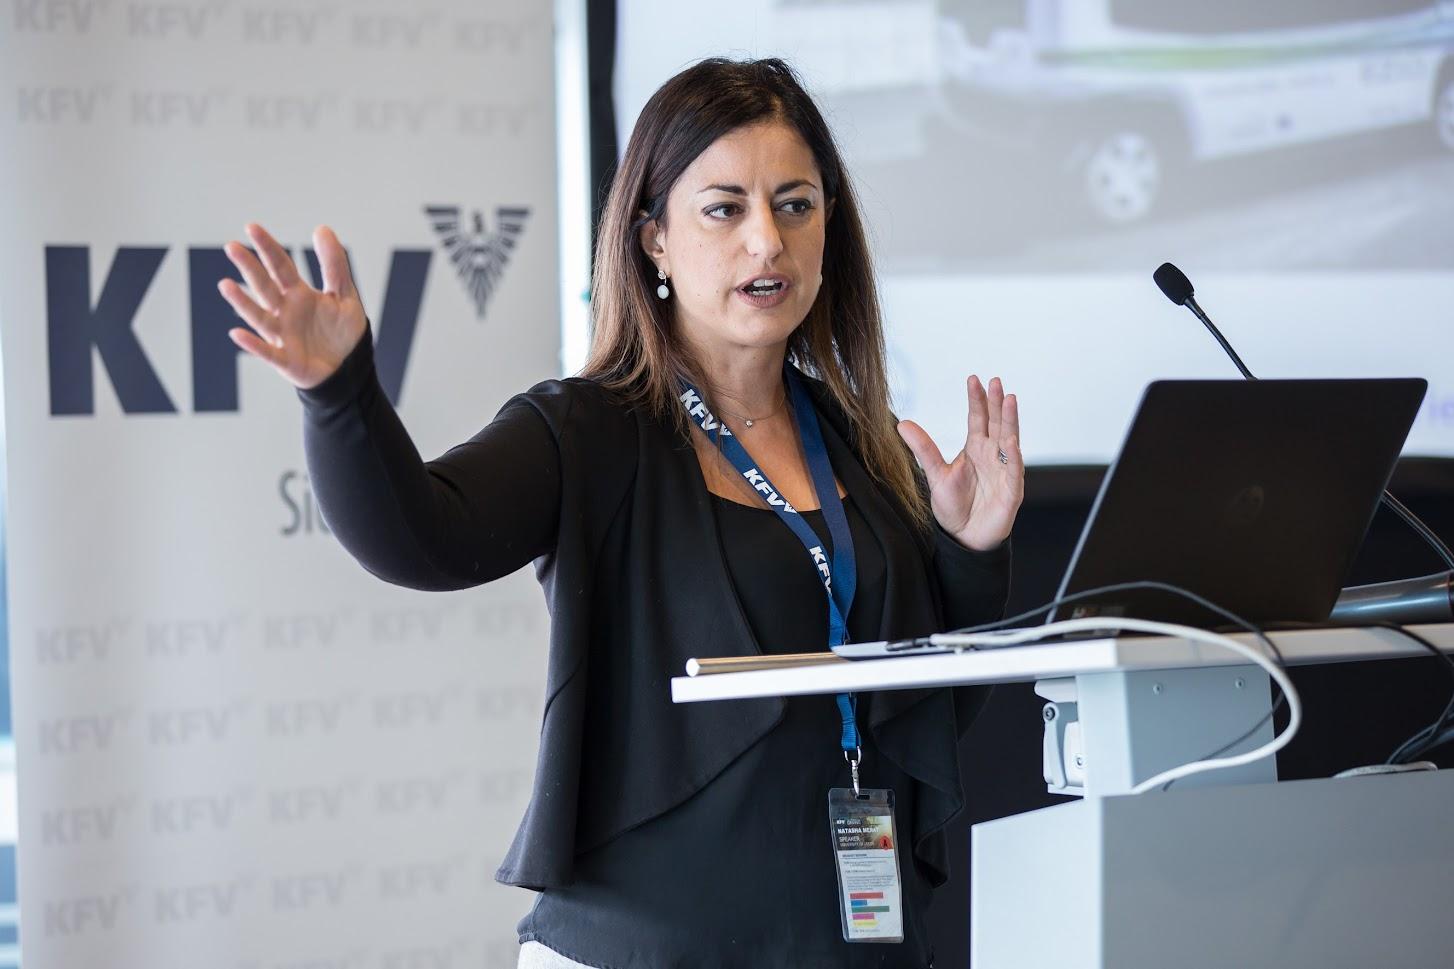 Prof. Dr. Natasha Merat © KFV/APA